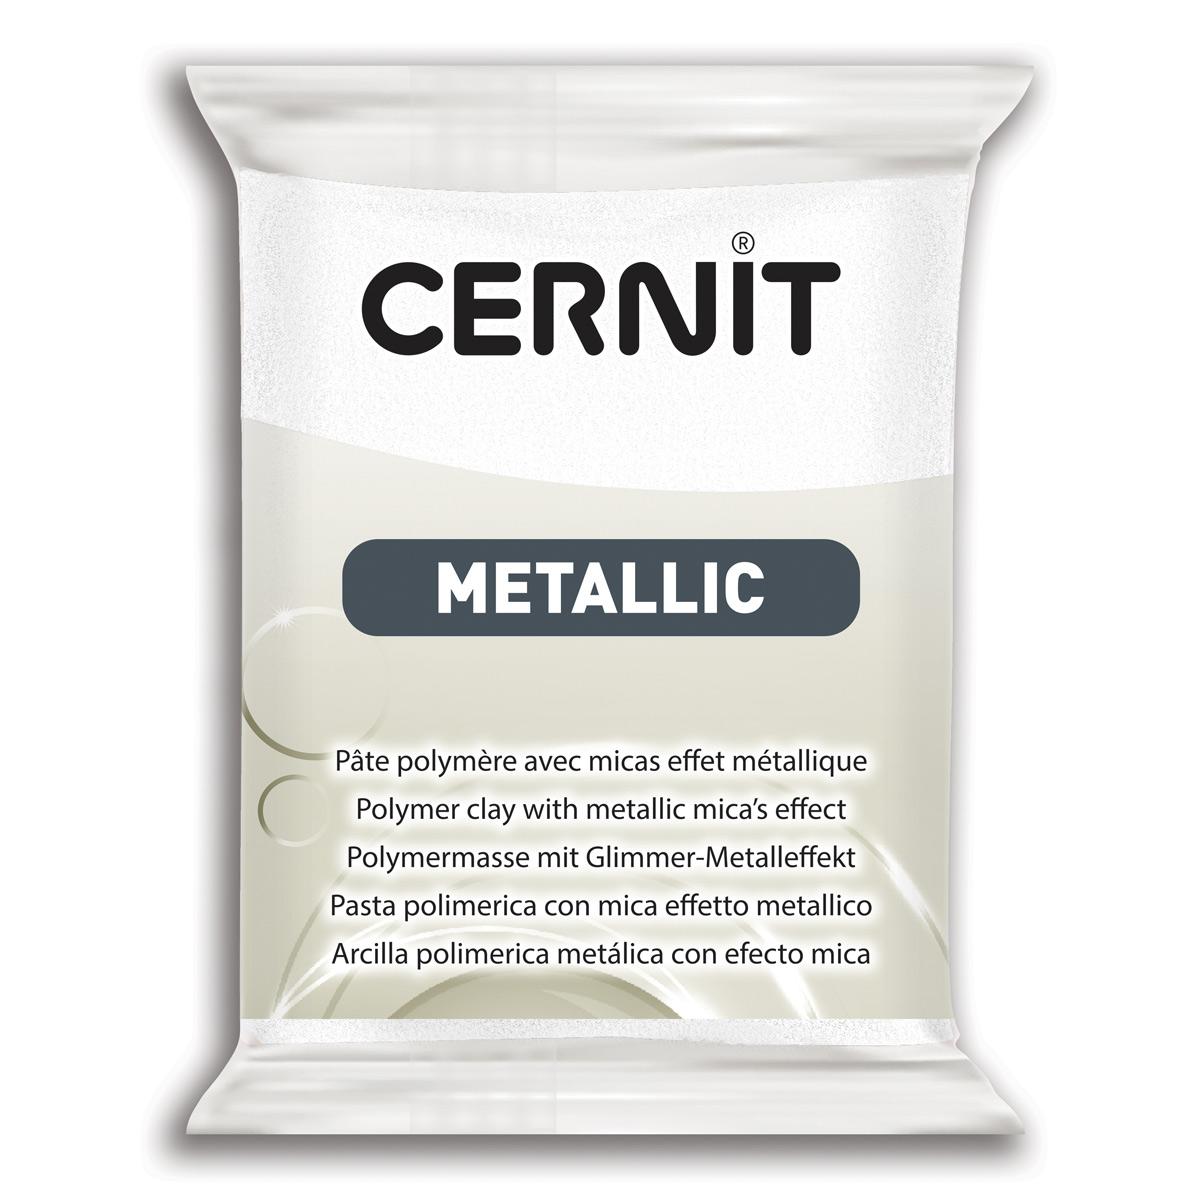 Купить 7724713, Пластика Cernit Metallic, 56 грамм, цвет 085 перламутровый, арт. CE0870056,